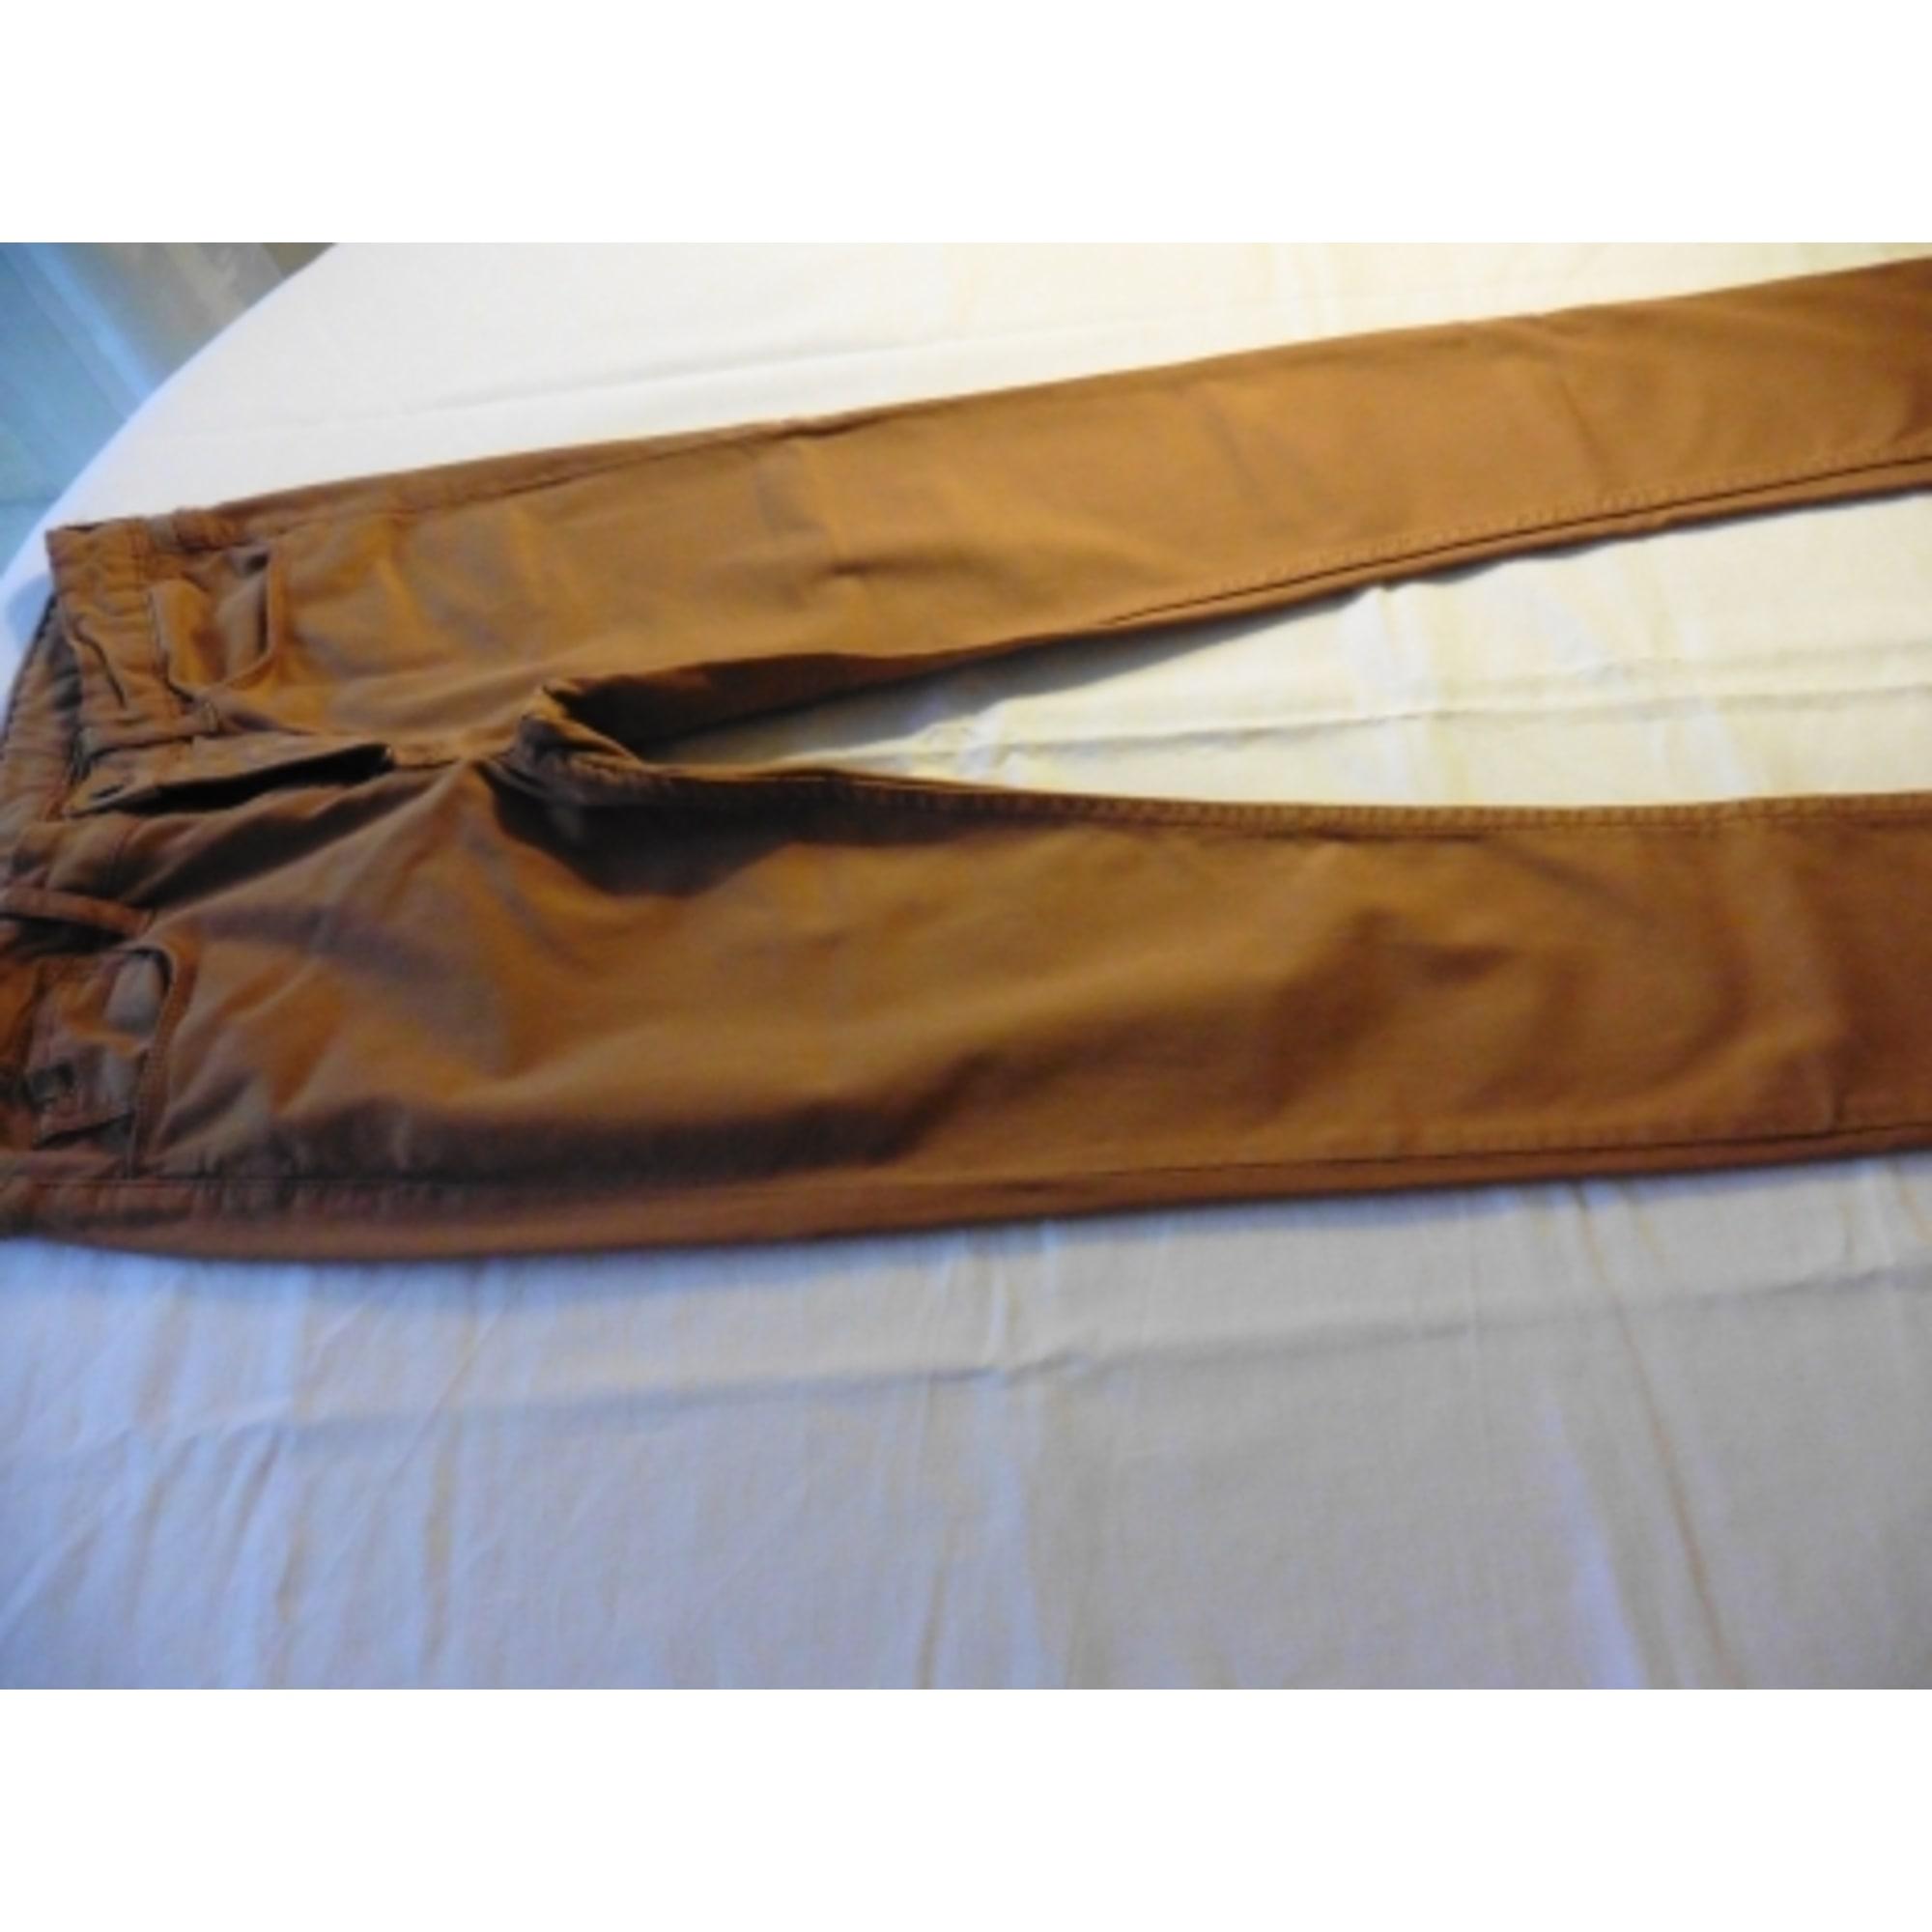 Pantalon LE TEMPS DES CERISES coton beige 11-12 ans